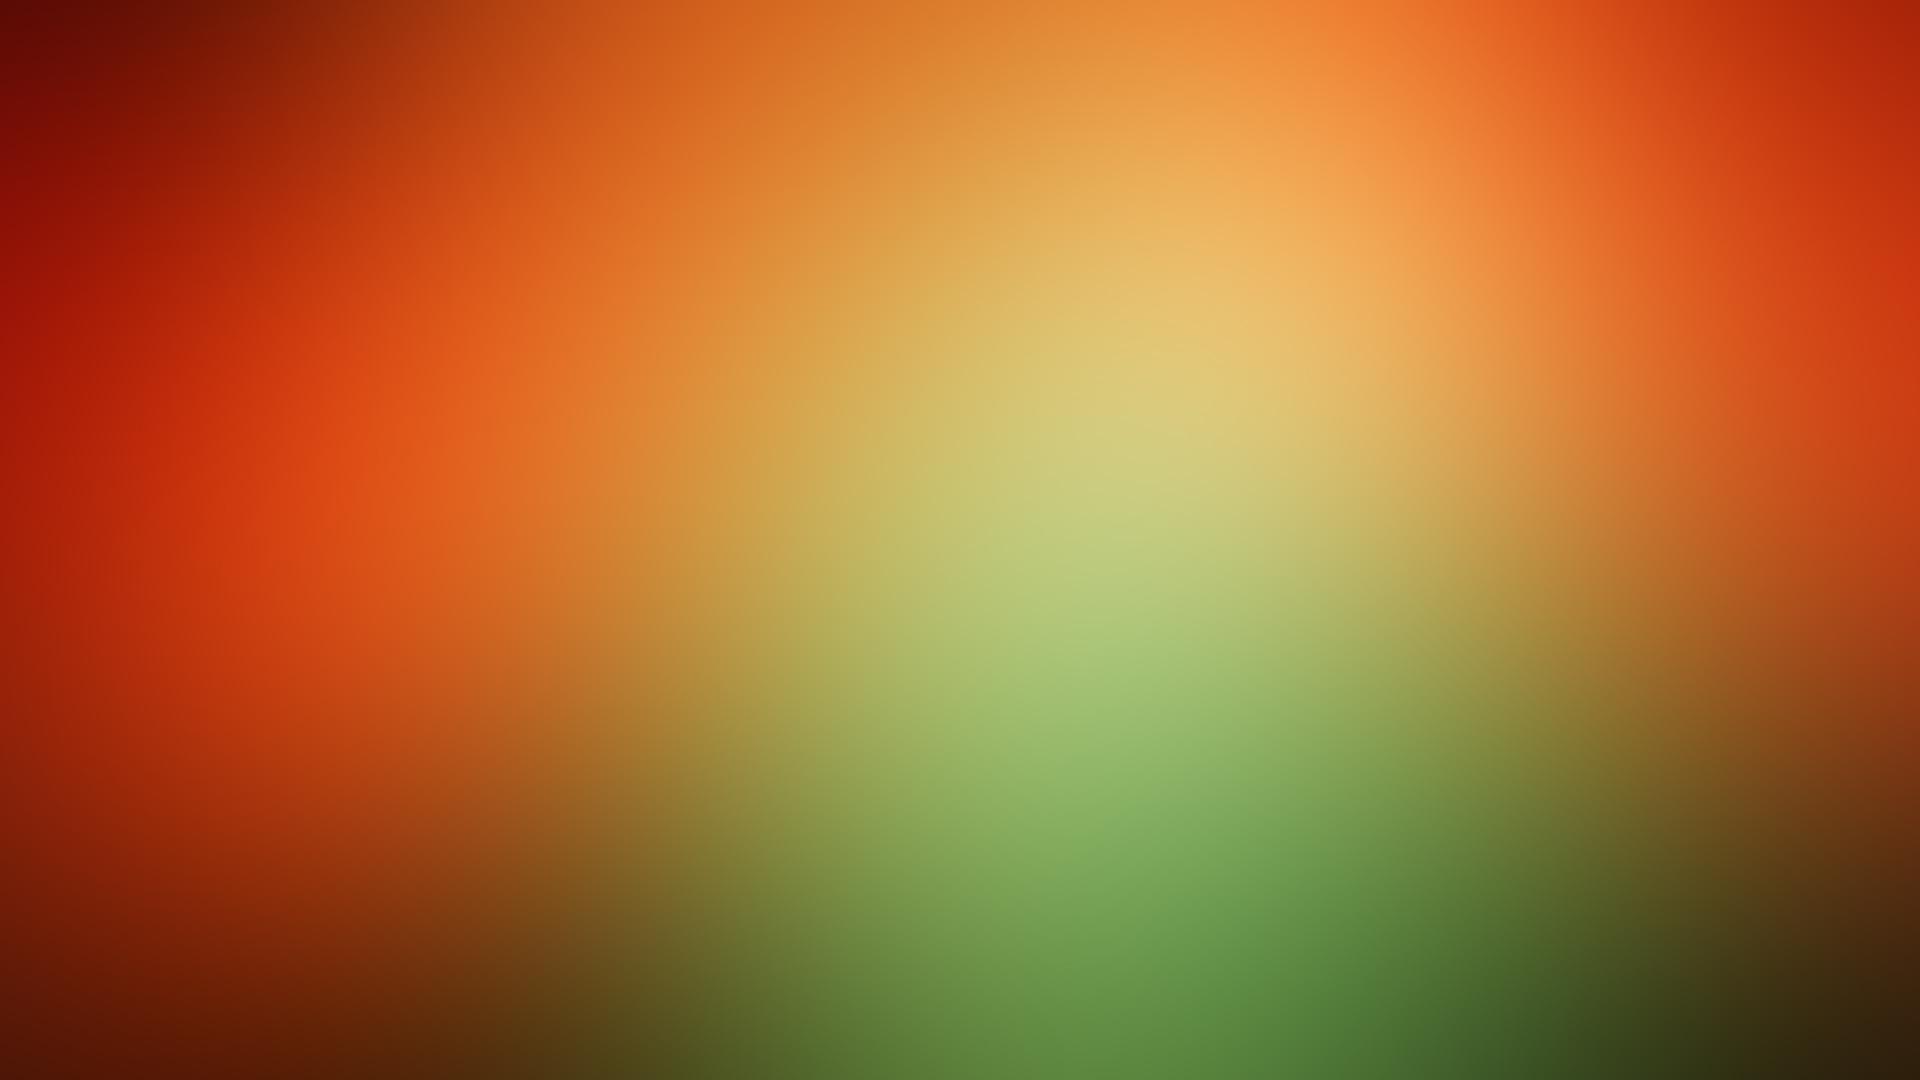 gradient wallpaper 46246